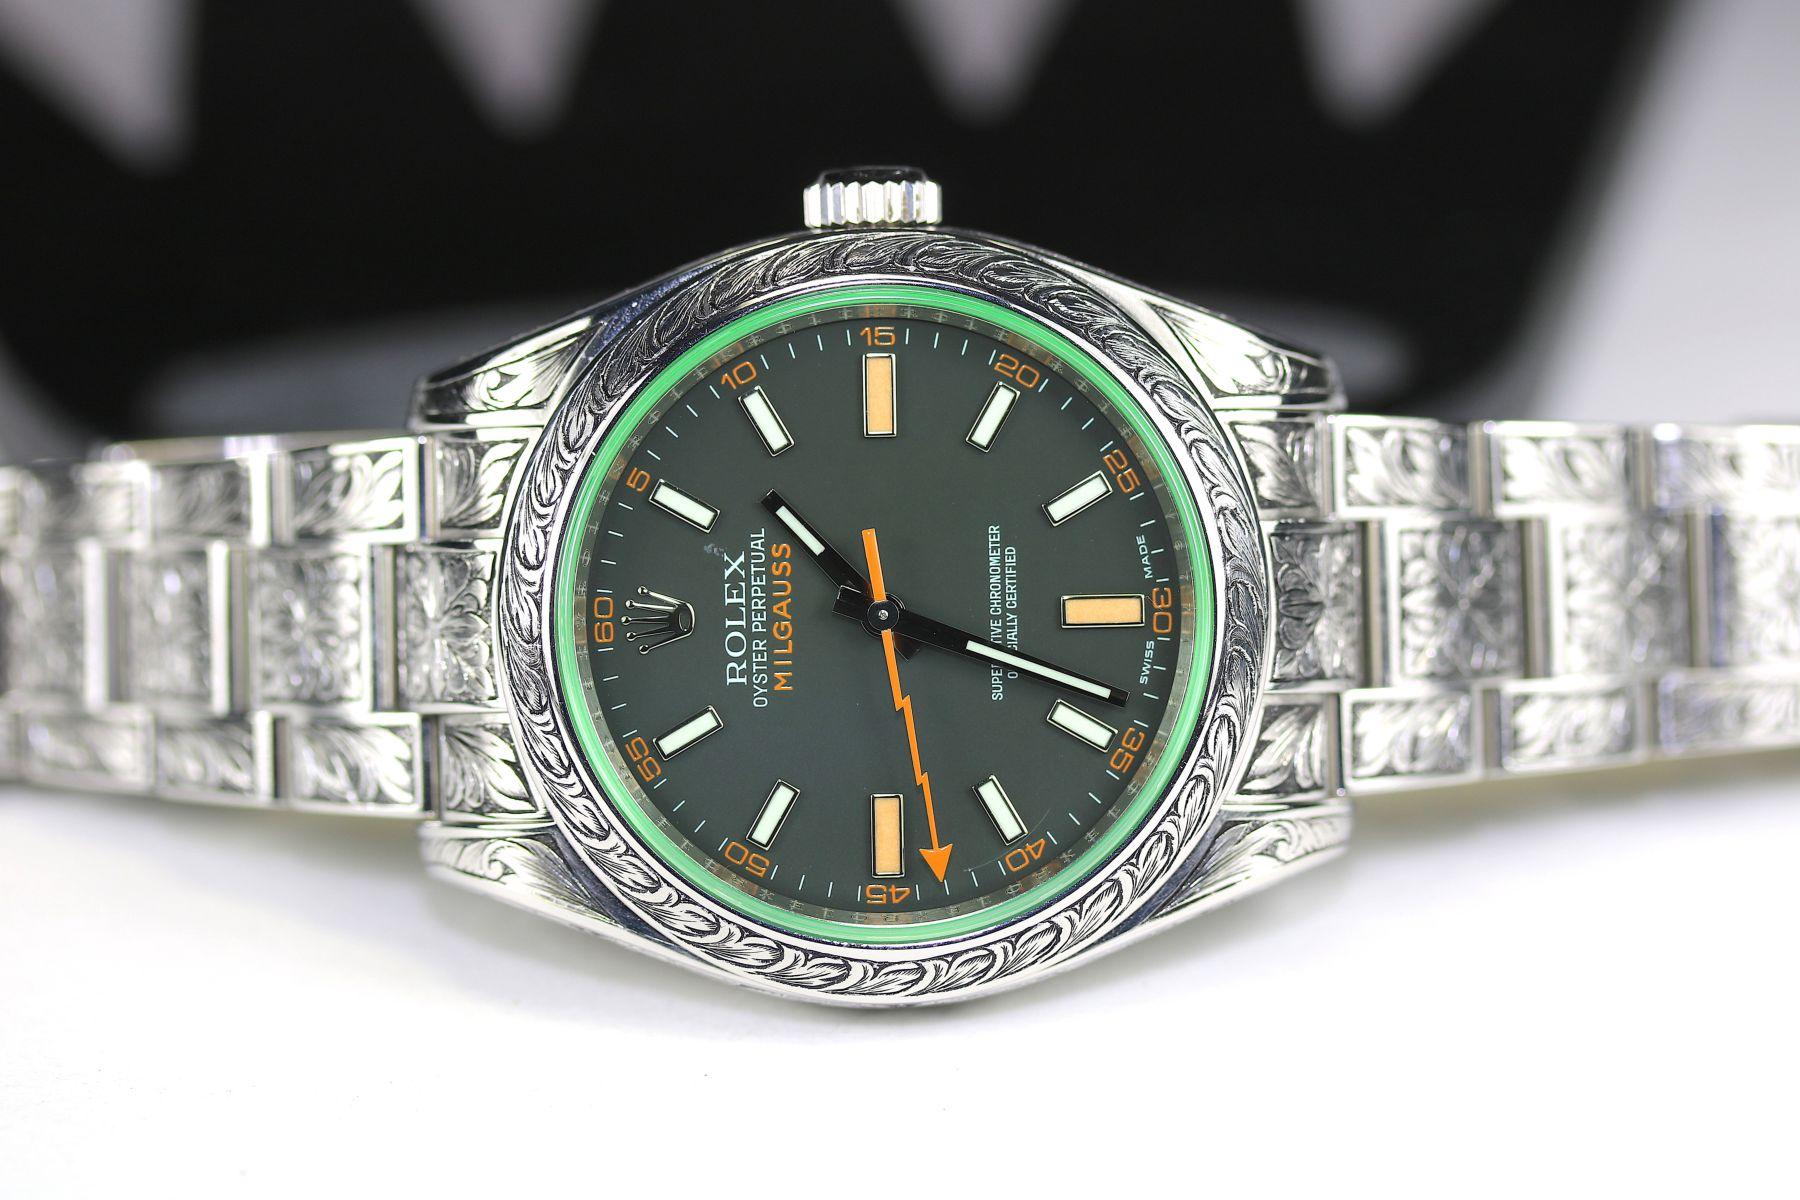 (Vintage) Uhren - Vintage Watches